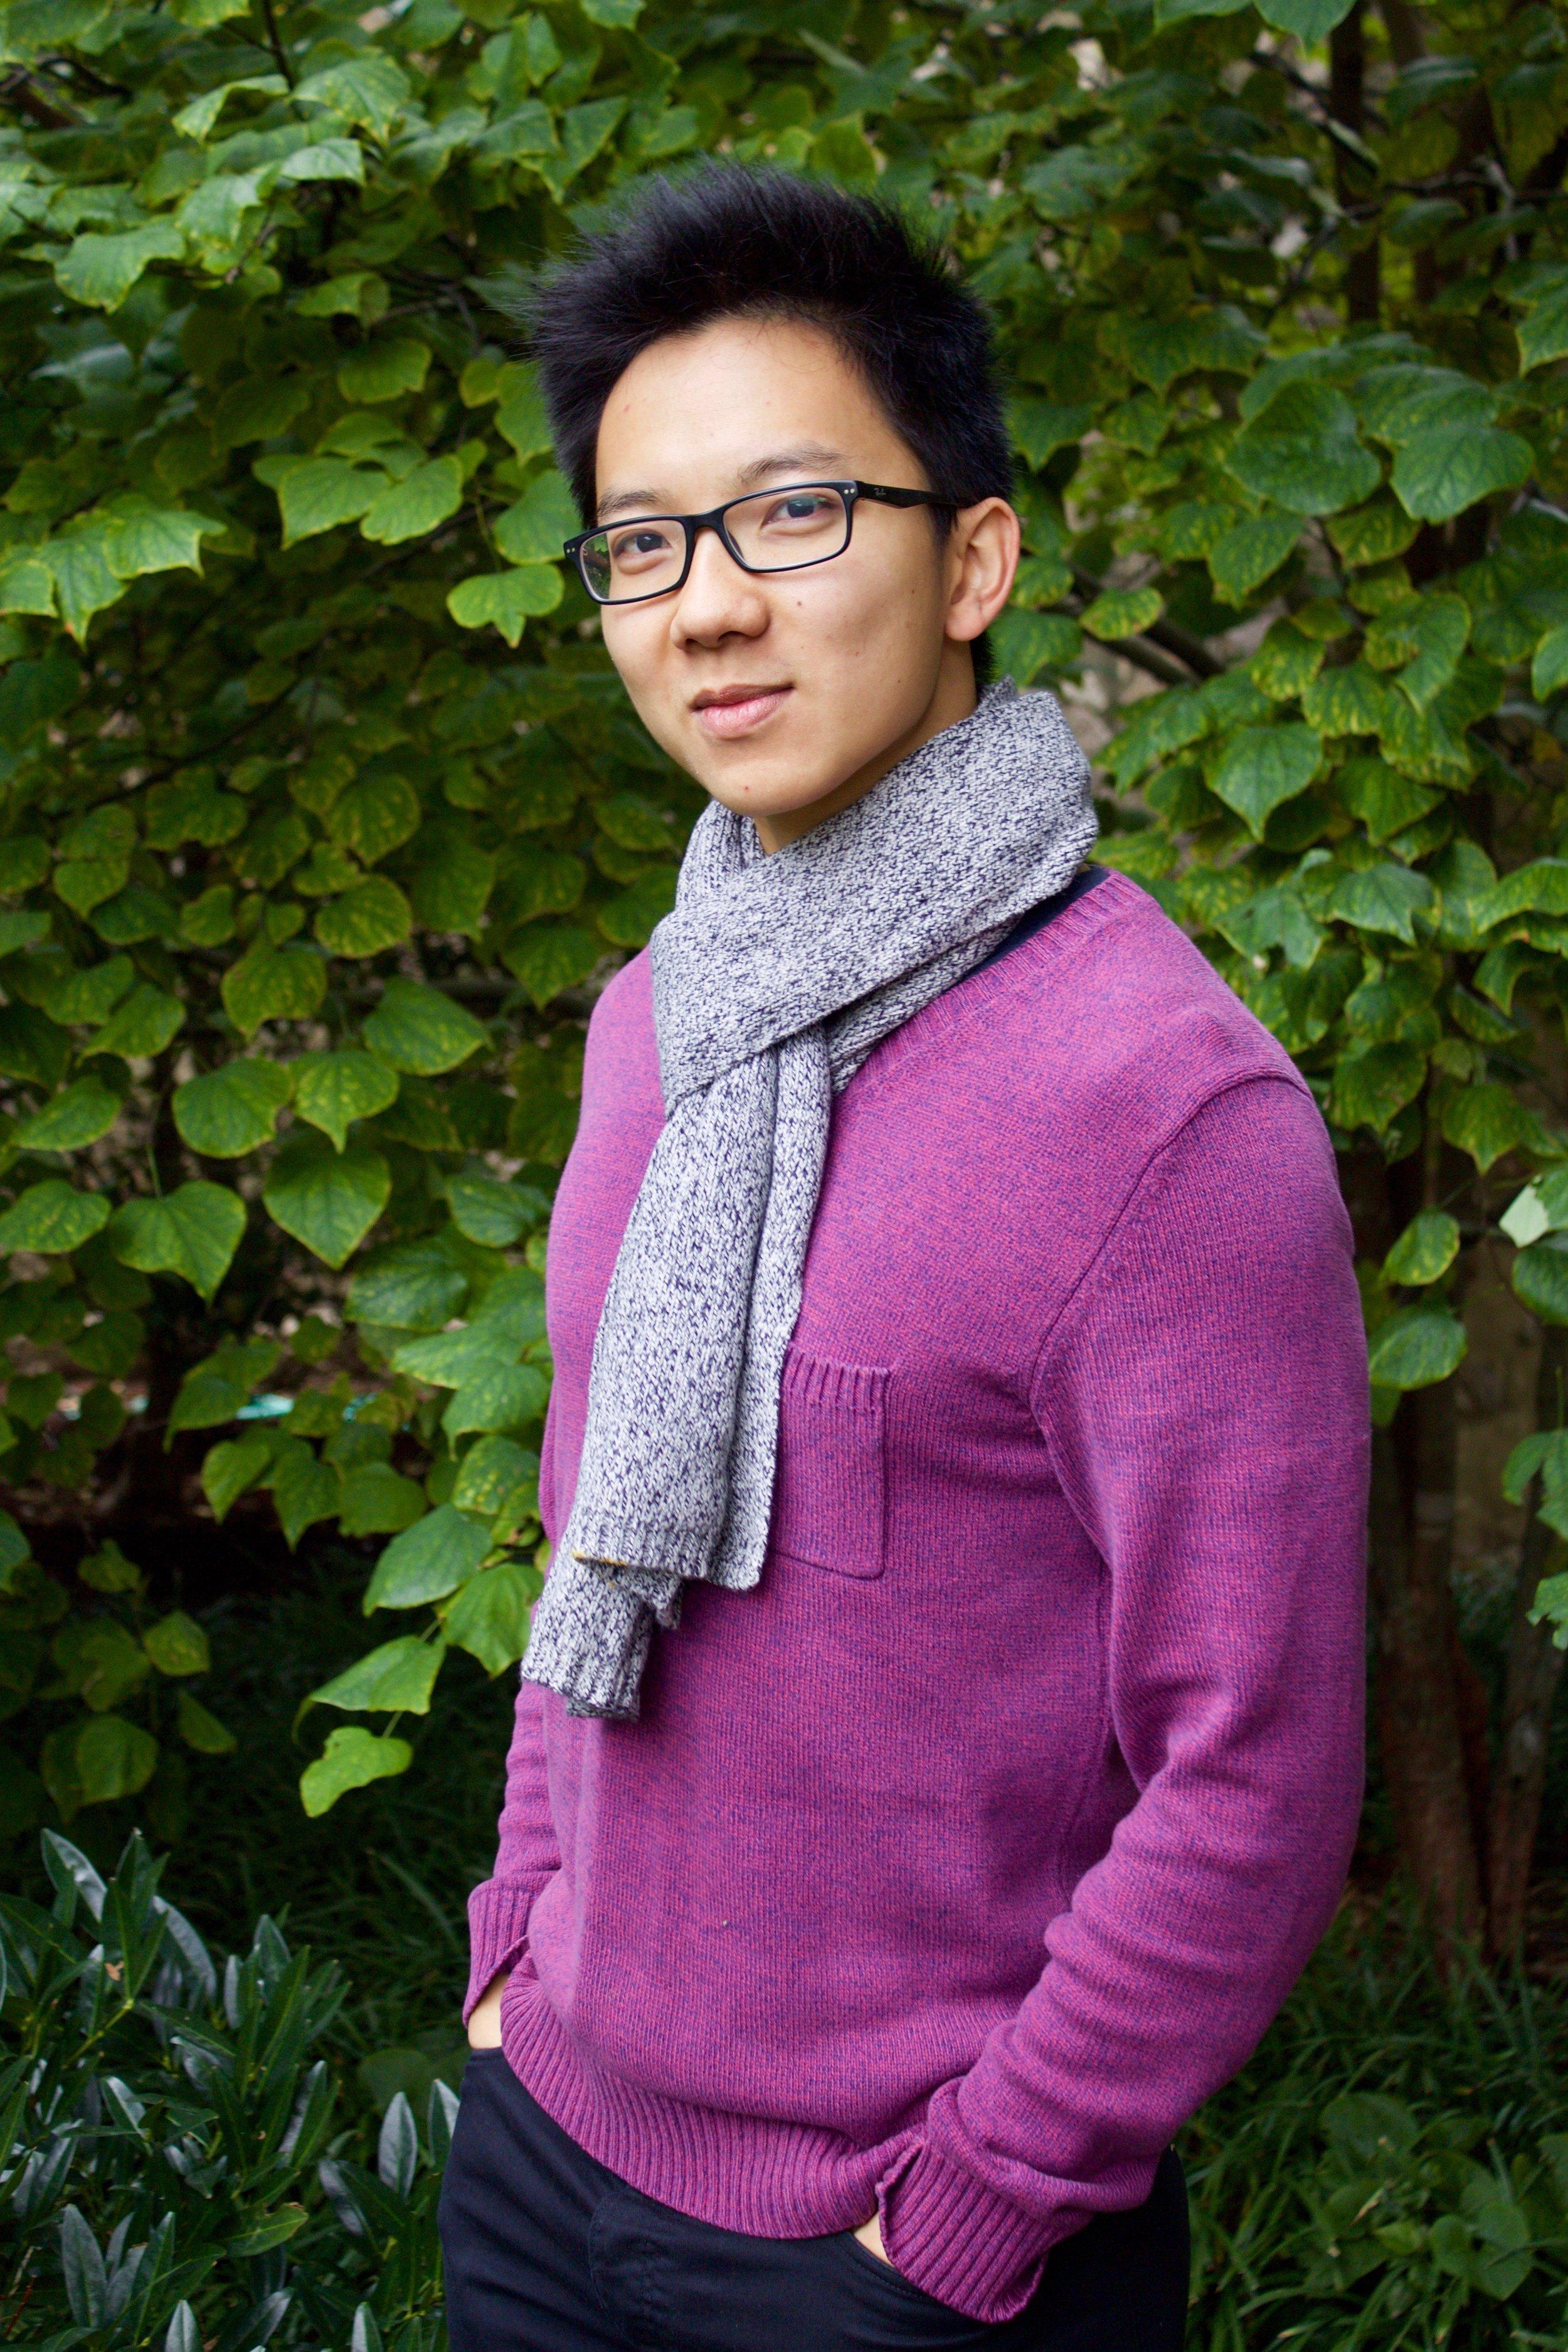 Sen Huang MC/BF '19+1